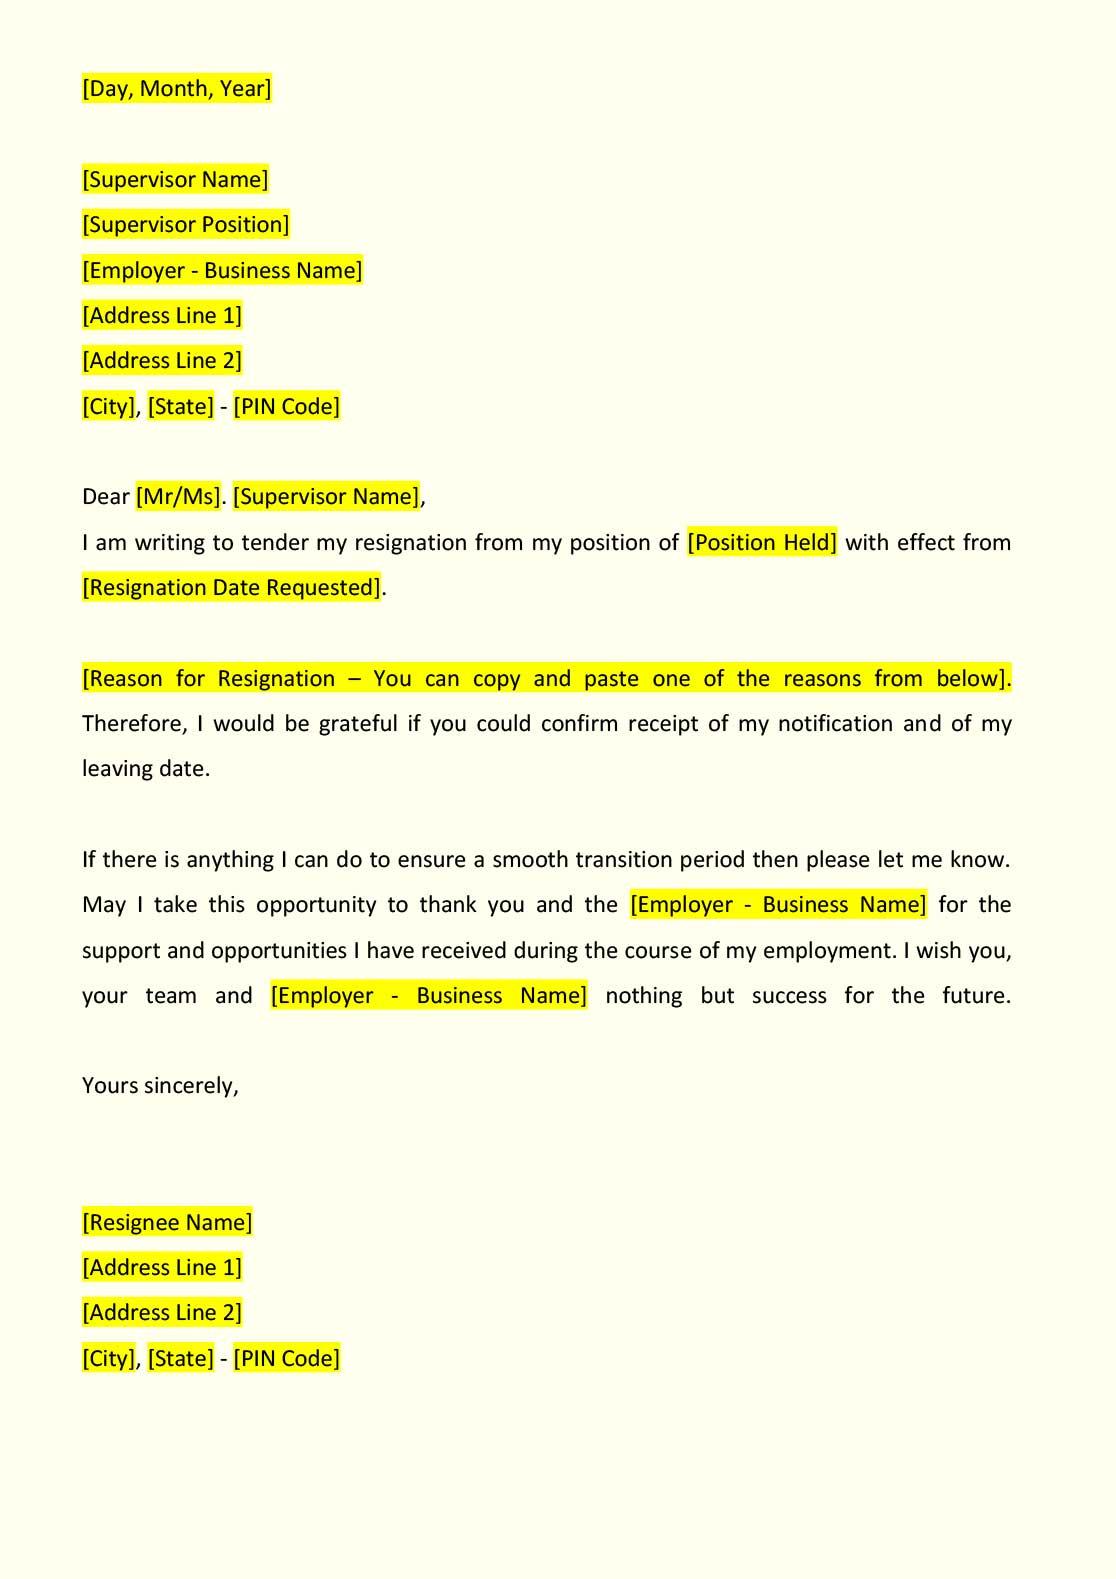 Sample-Resignation-Letter